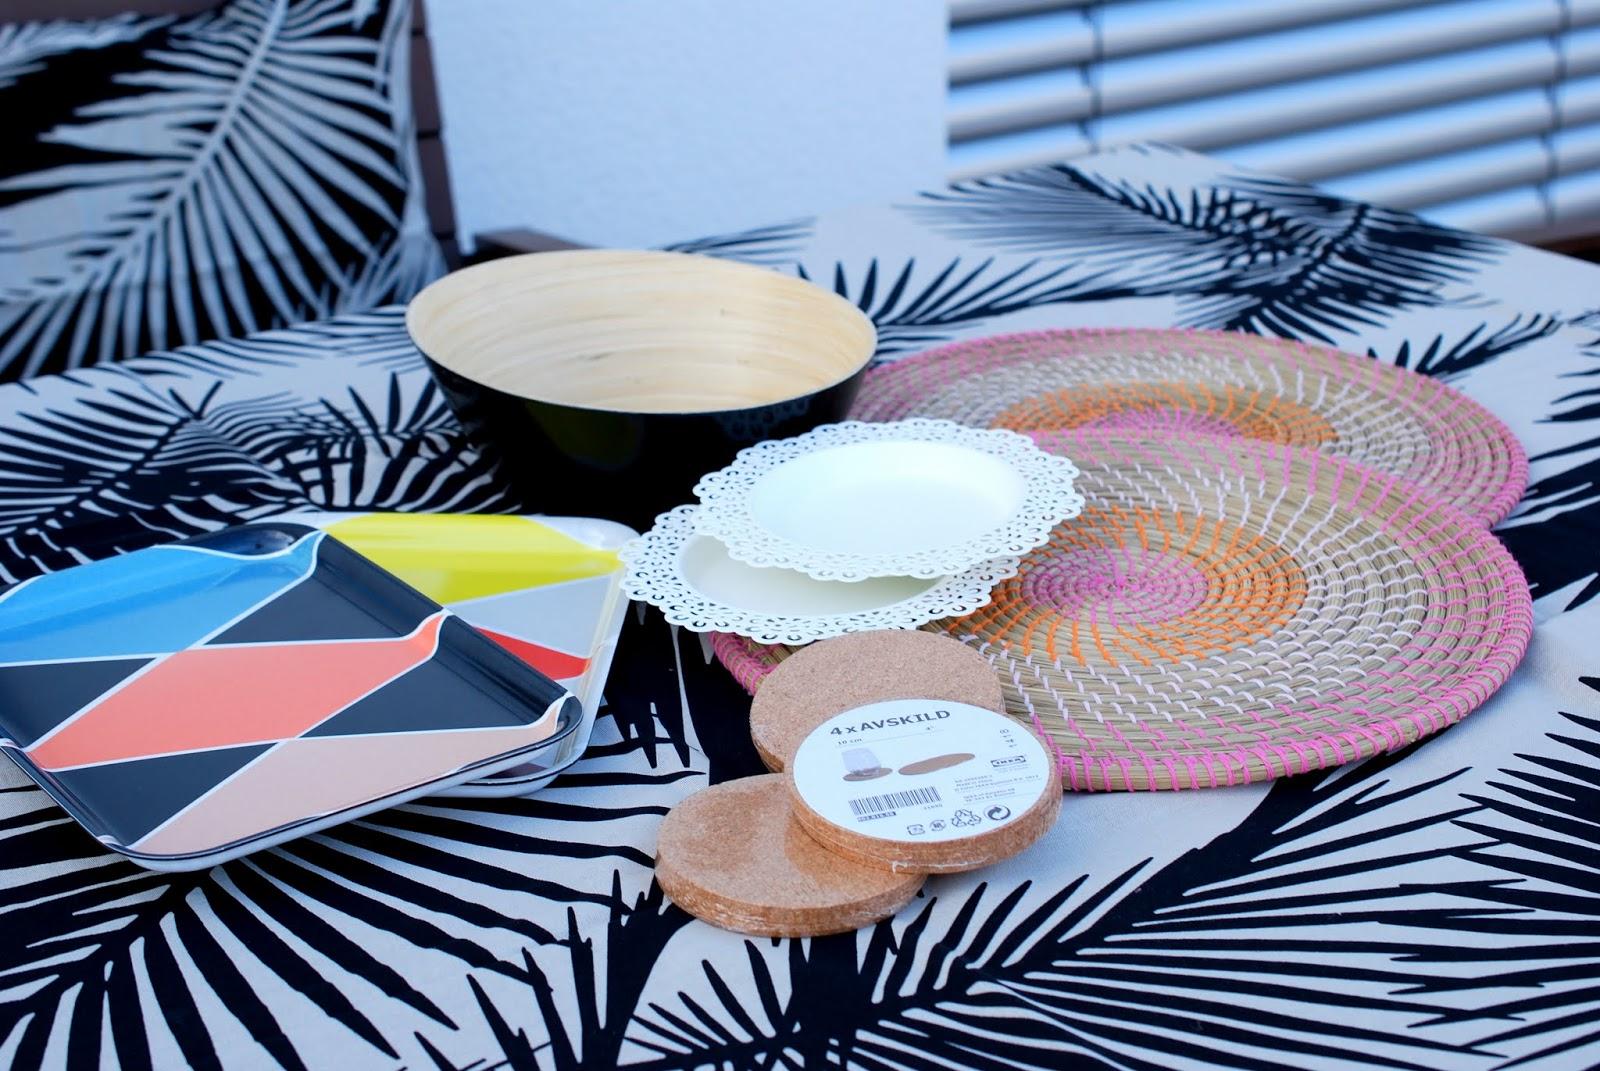 new in meine kleine ikea und h m home shoppingausbeute f r terrasse co i need sunshine. Black Bedroom Furniture Sets. Home Design Ideas